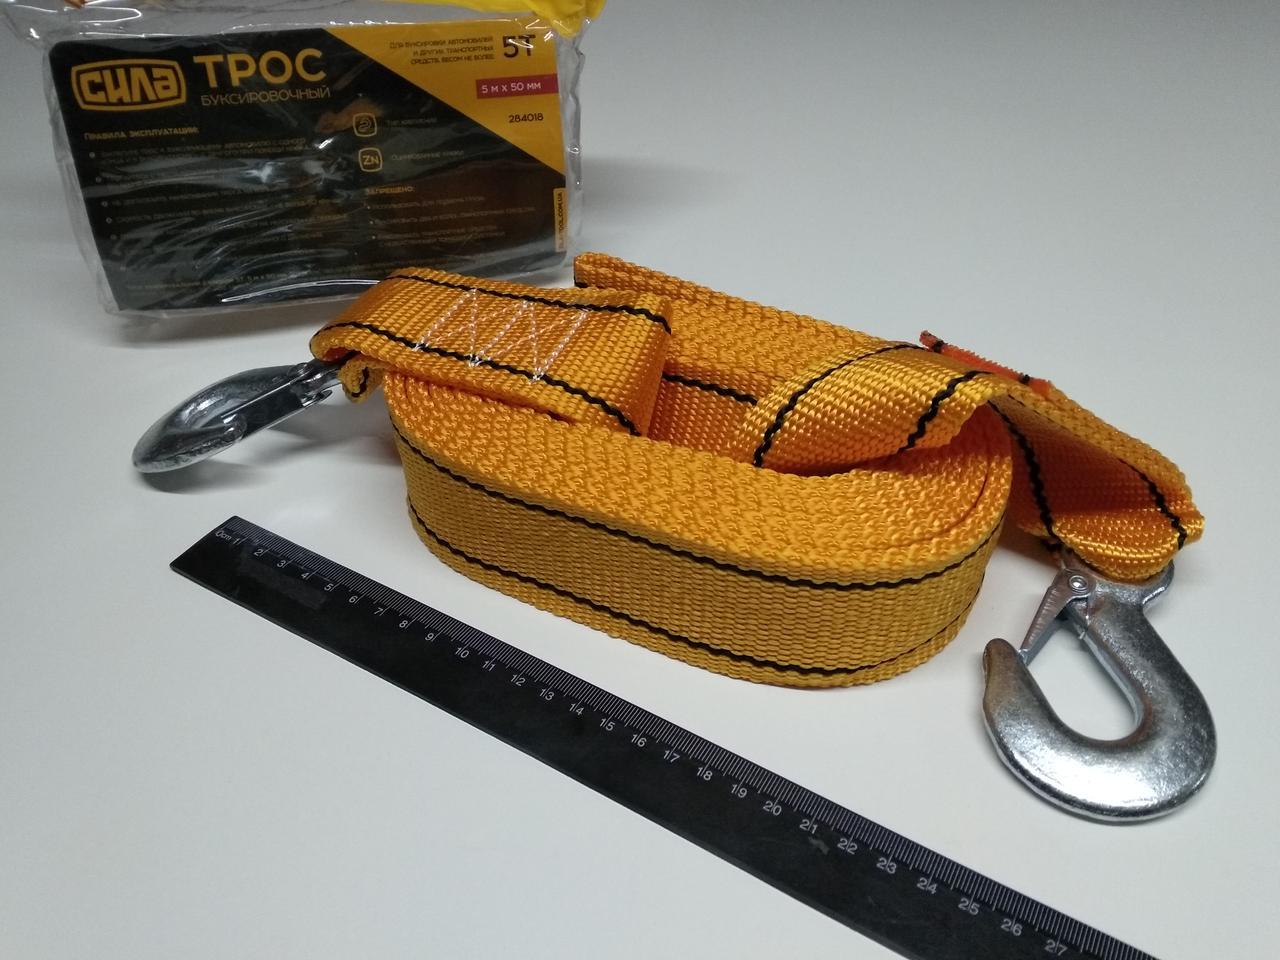 Трос буксировочный 5т. 5м. СИЛА (284018) с крюками